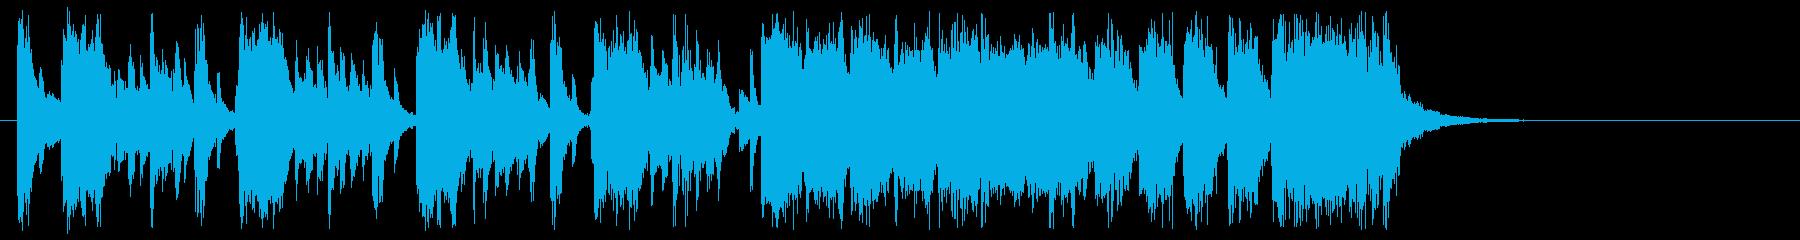 ミュージカル風ジャズファンクなジングルの再生済みの波形